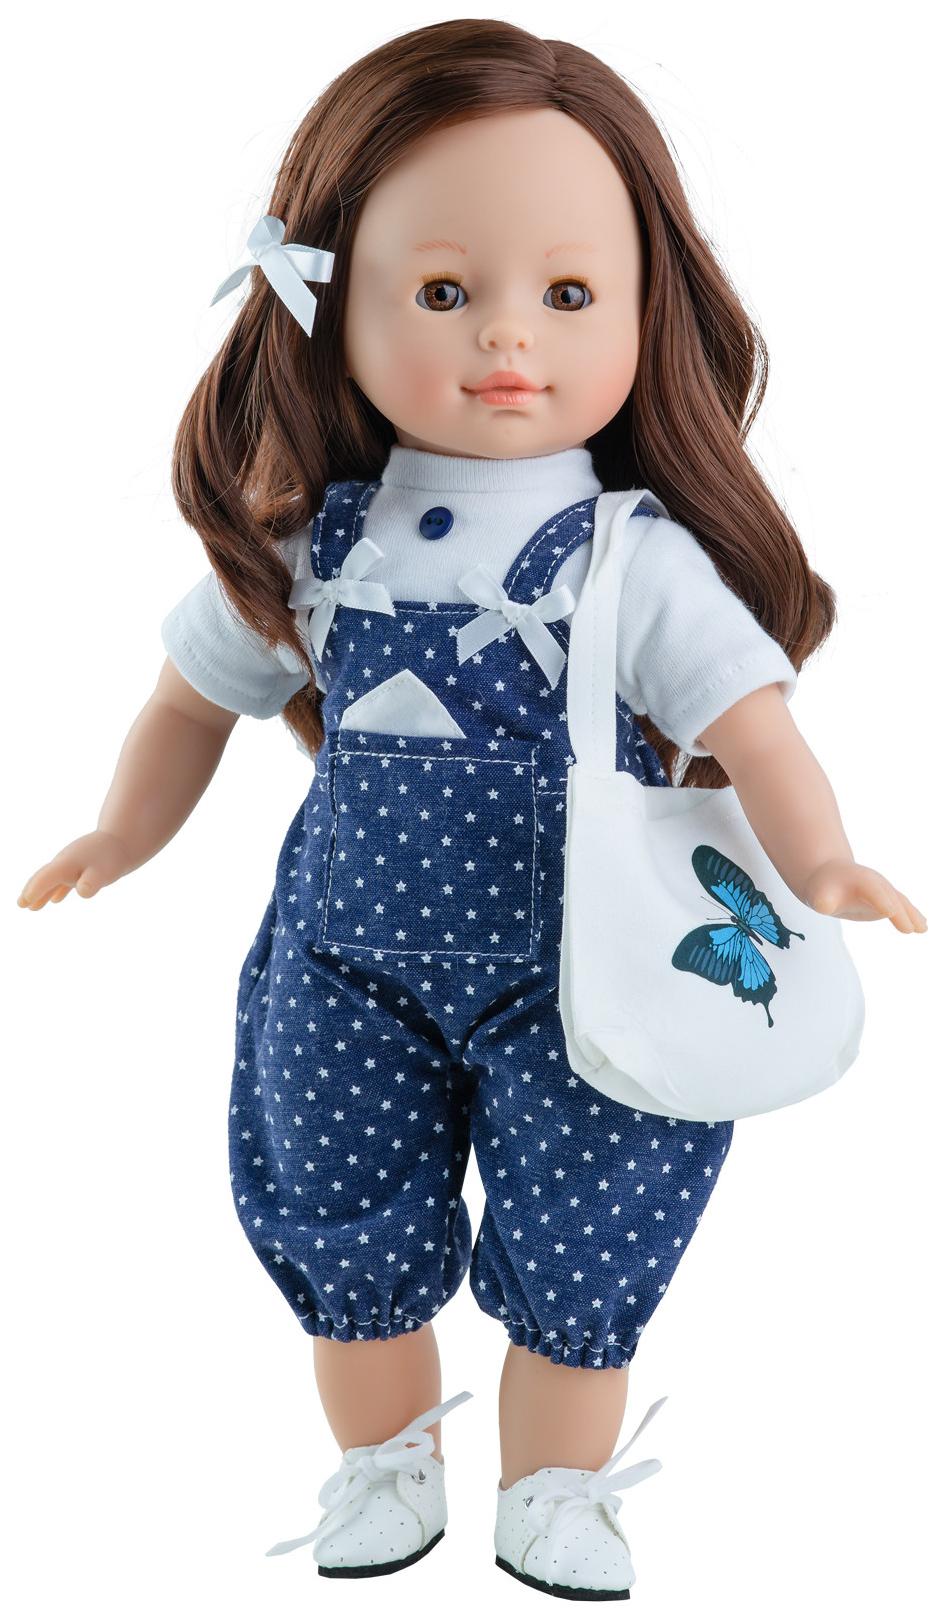 Купить Кукла Вирхи, 36 см, Paola Reina, Классические куклы